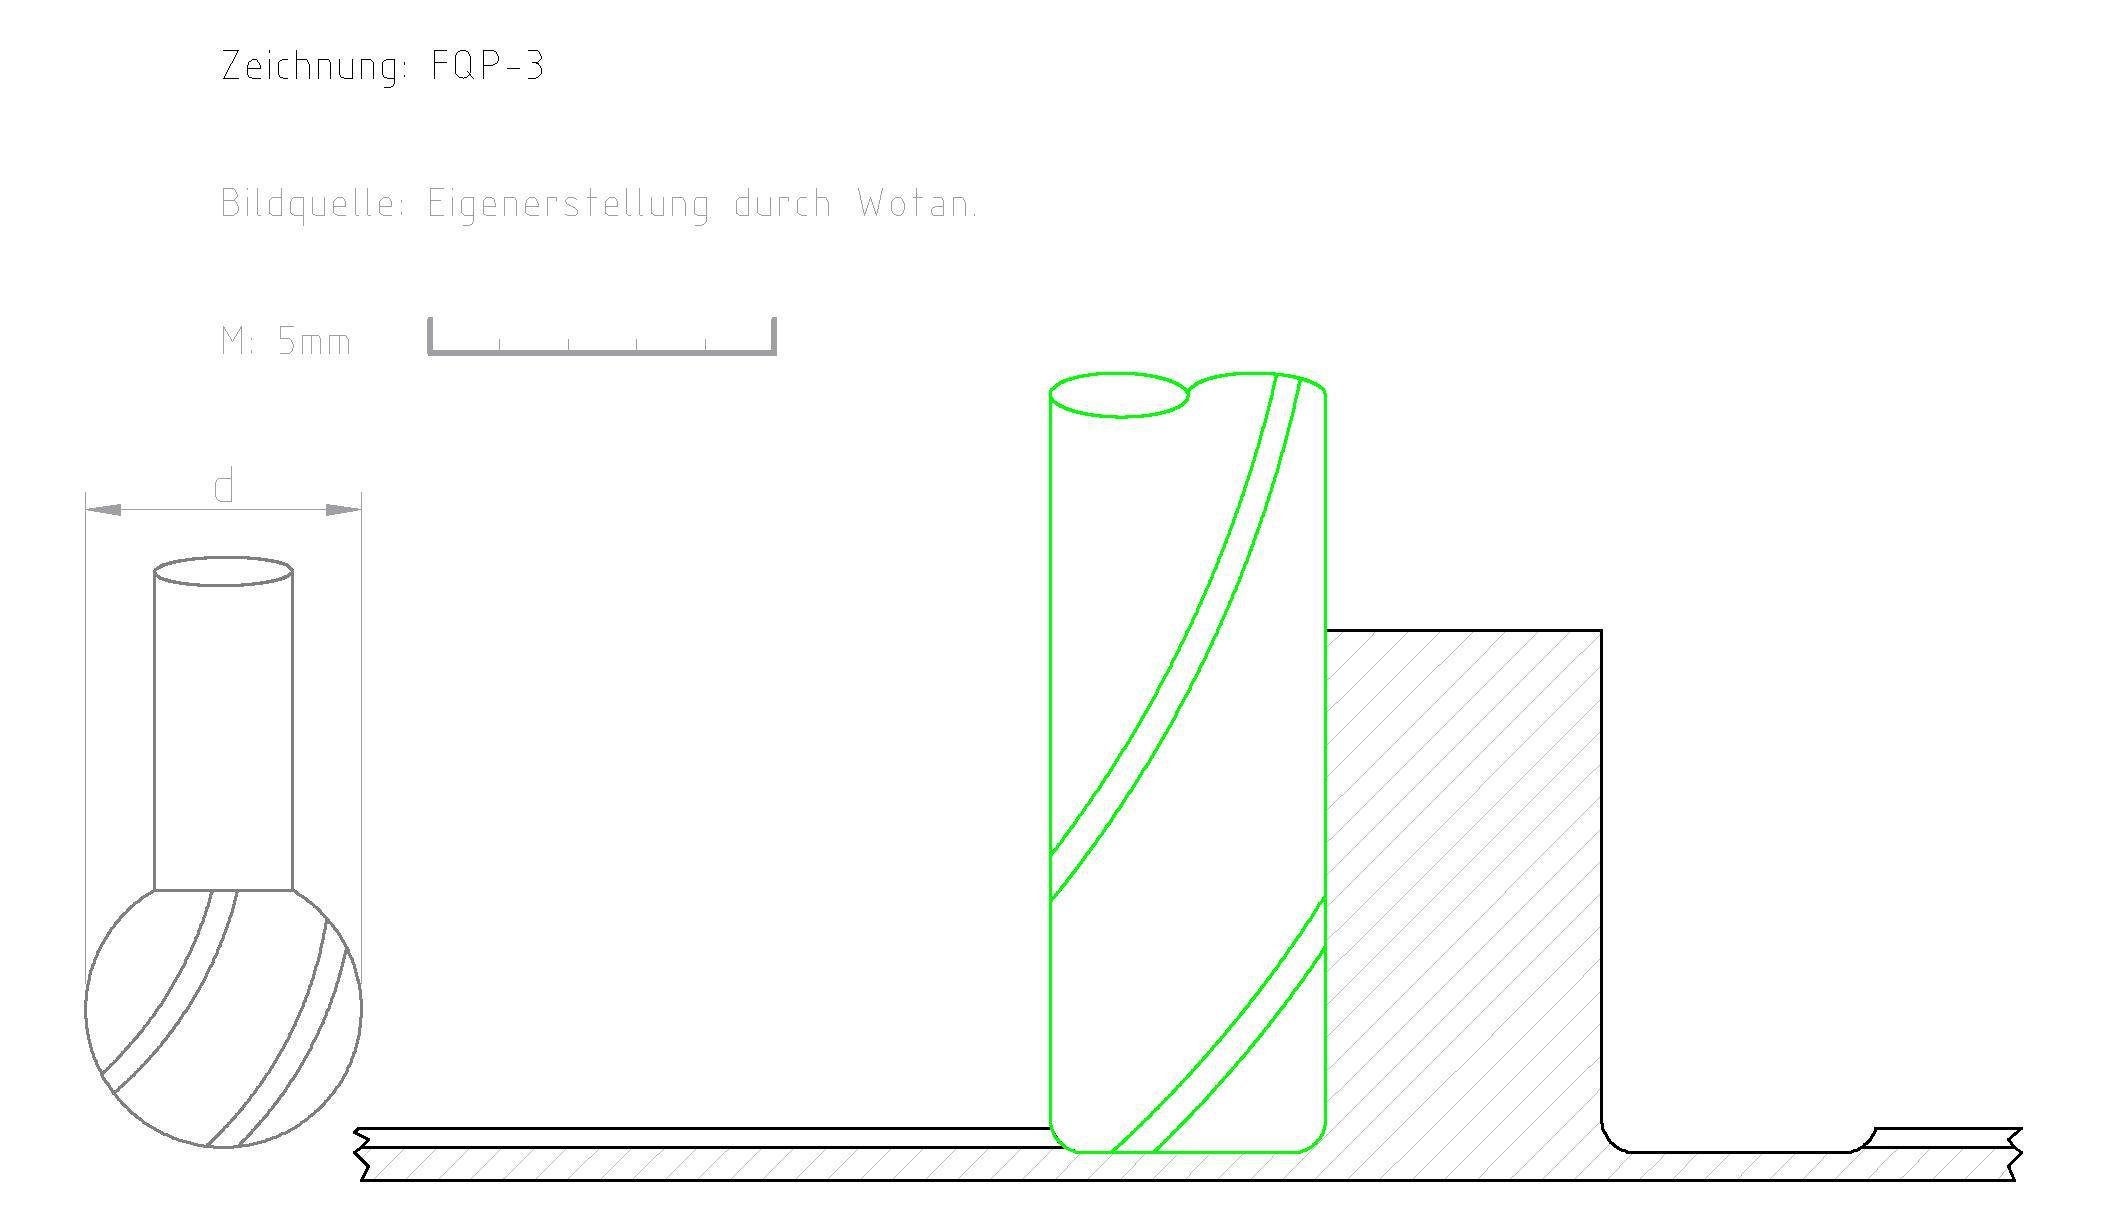 Gemütlich Leuchtdraht Diagramm Ideen - Der Schaltplan - triangre.info